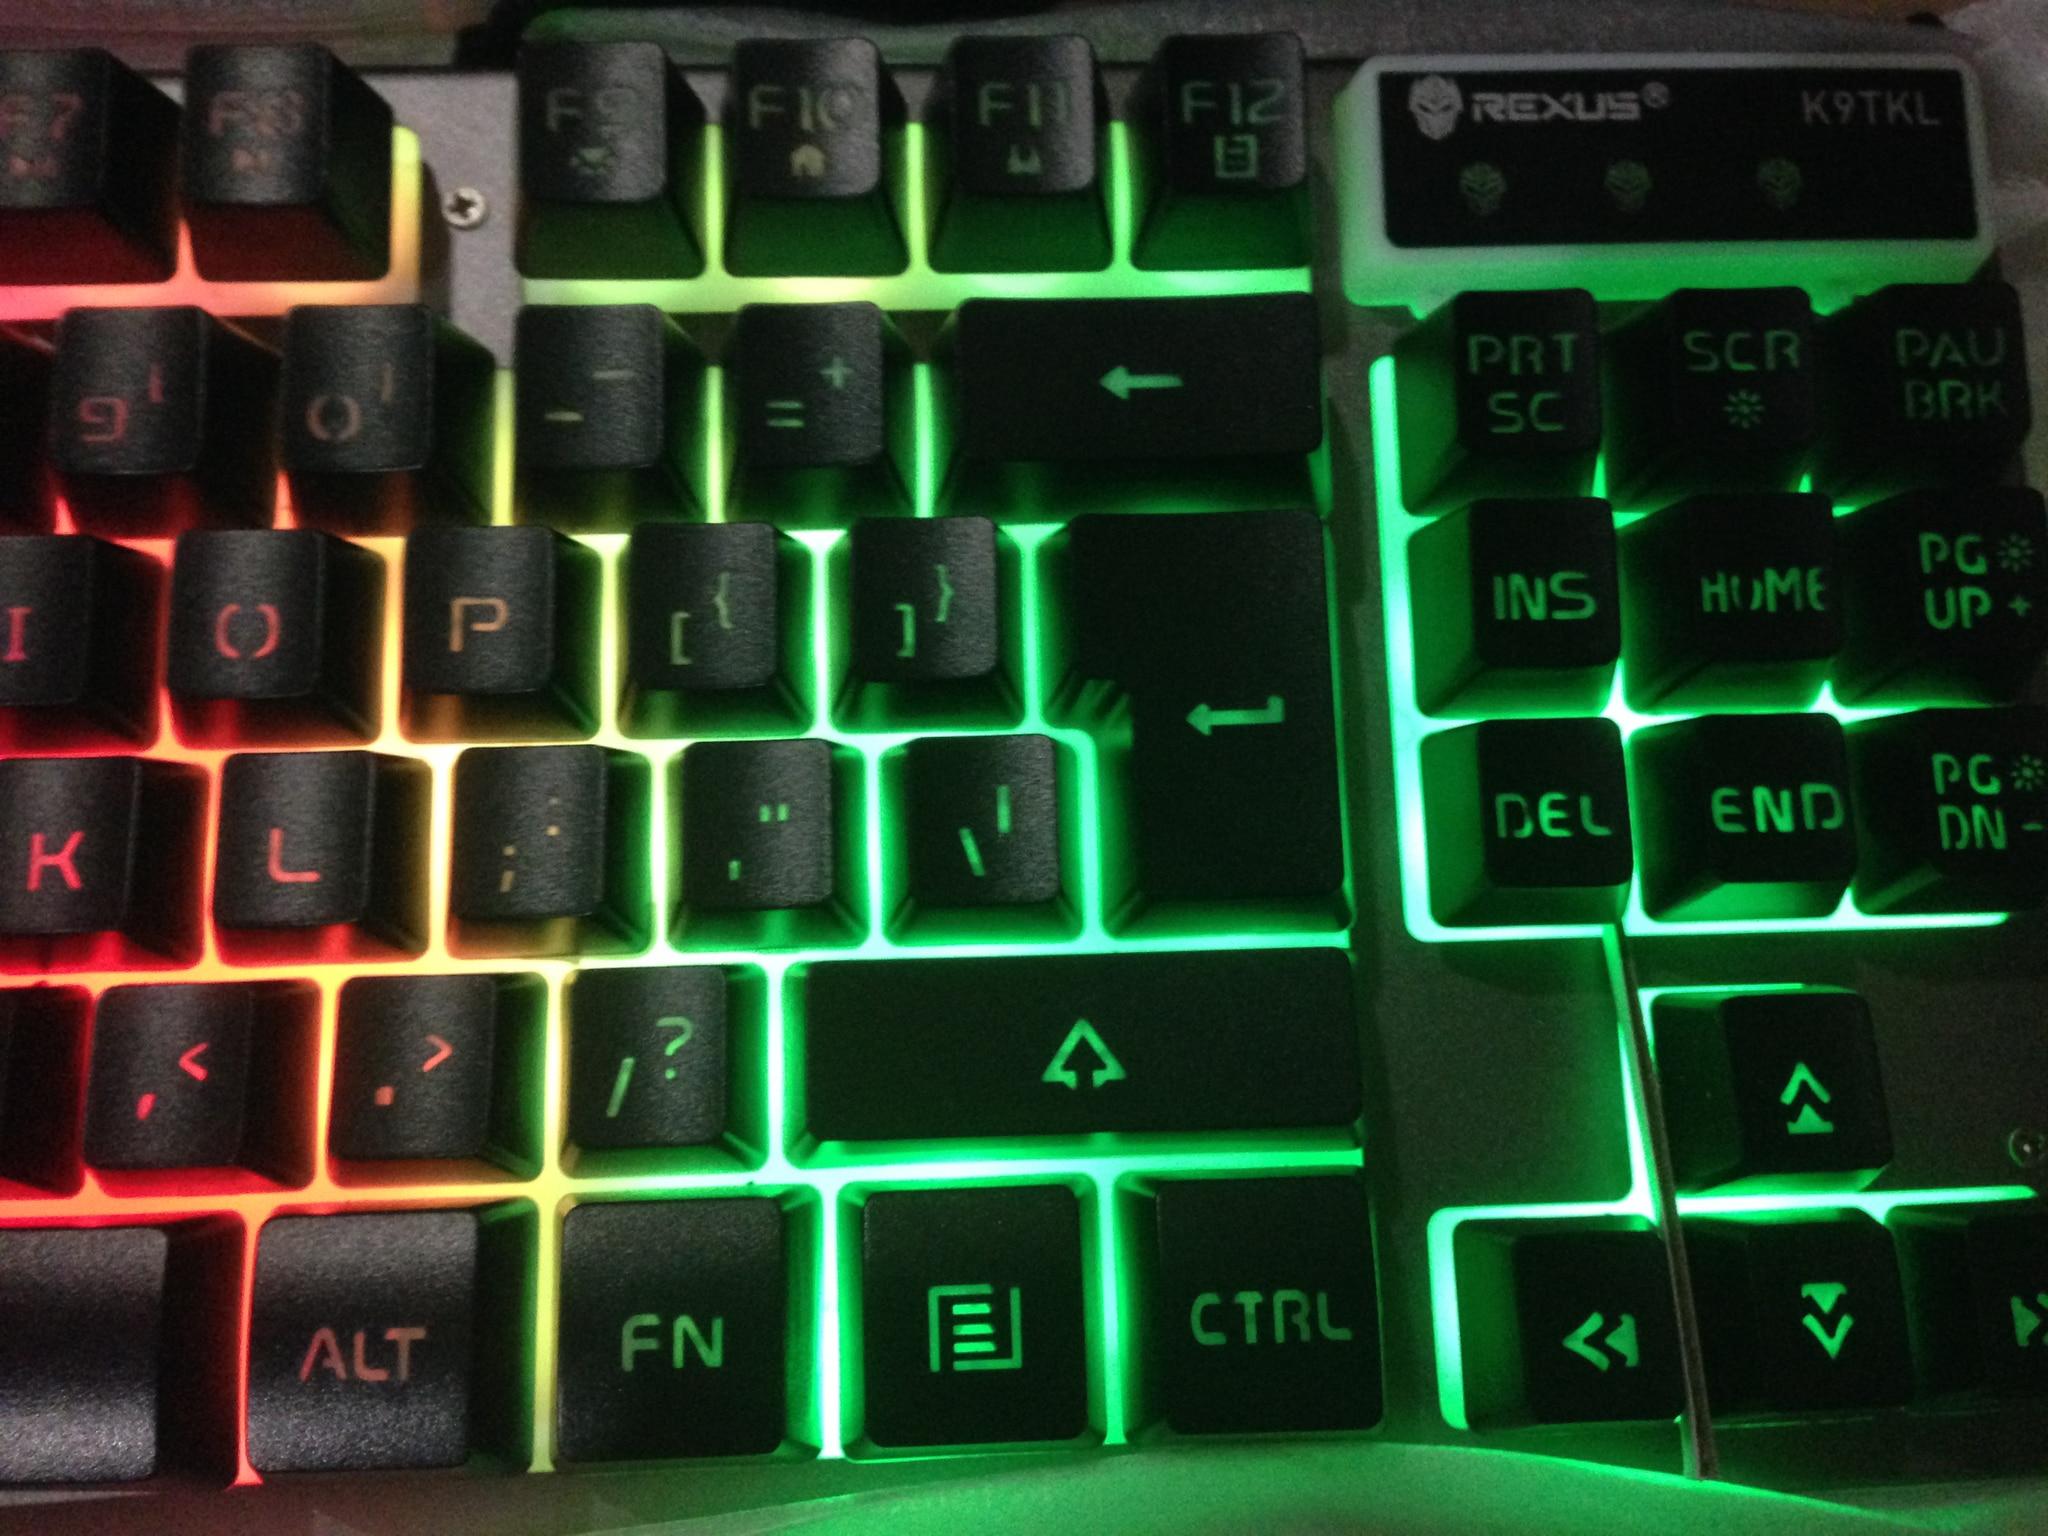 Daftar Harga Jual Keyboard Gaming Rexus K9tkl K9 Tkl Di Lapak Battlefire Fortress